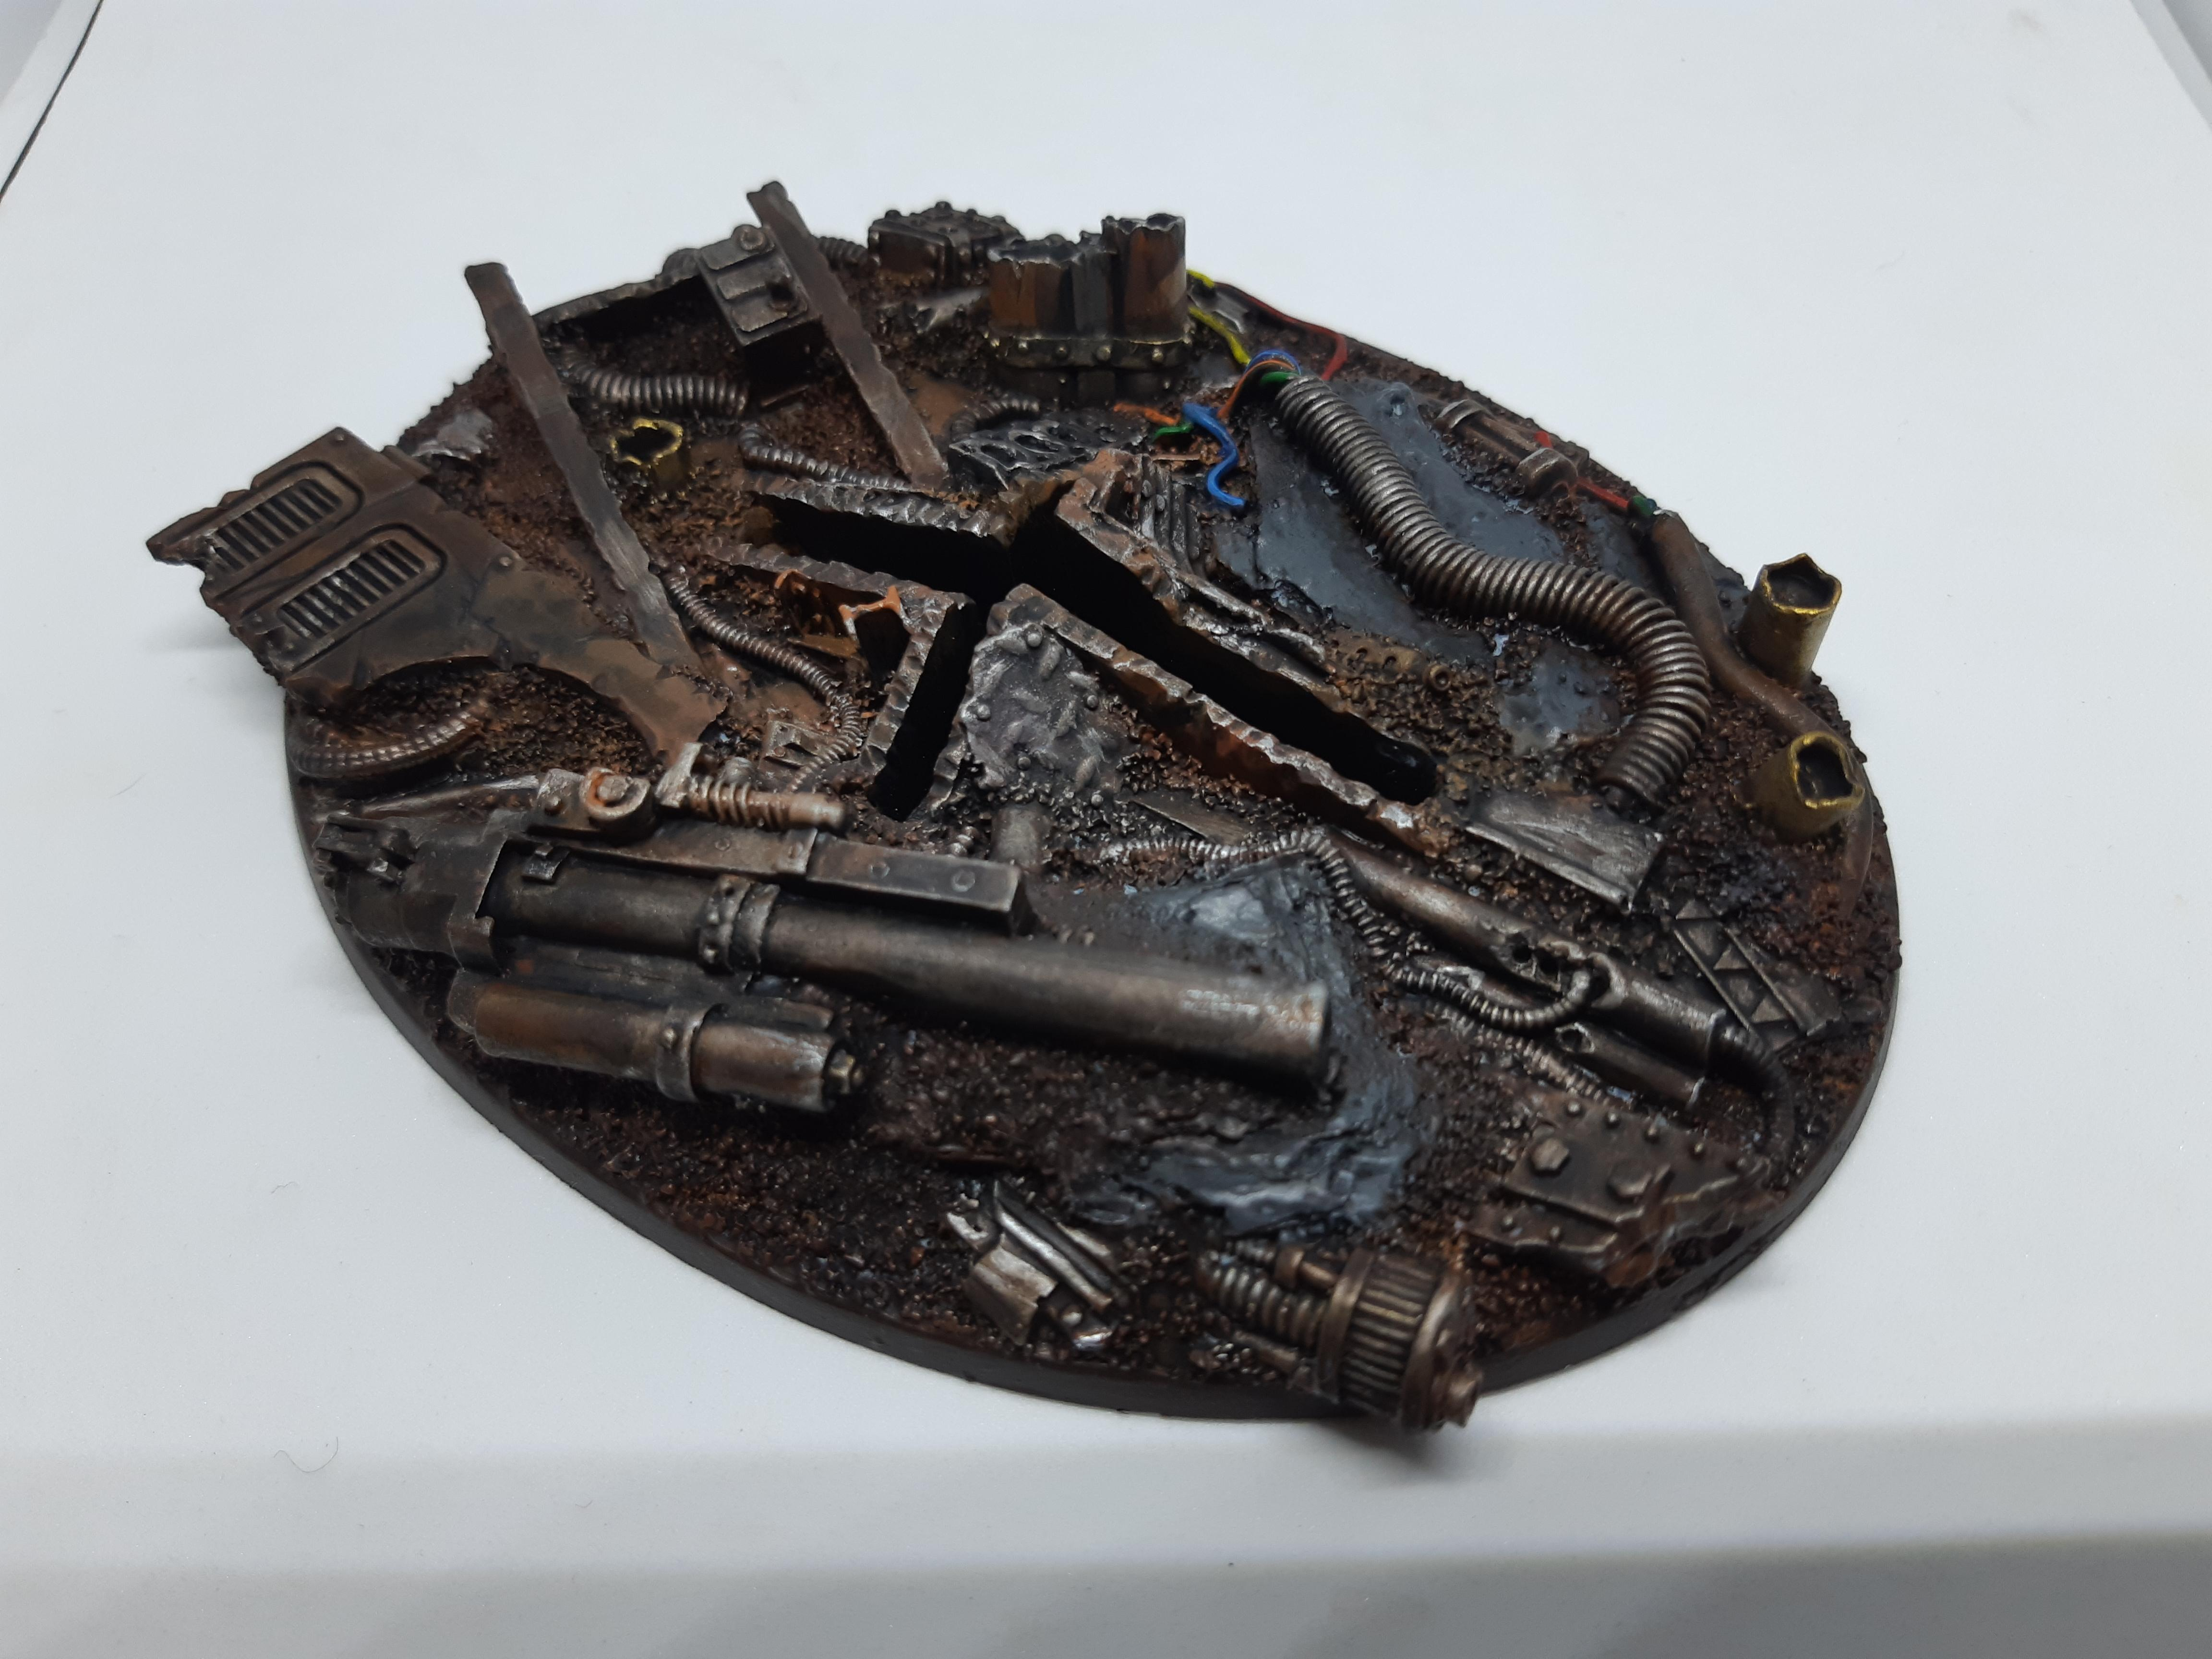 120mm, Base, Flyer, Imperial Guard, Junk City, Kromlech, Resin, Taurox, Warhammer 40,000